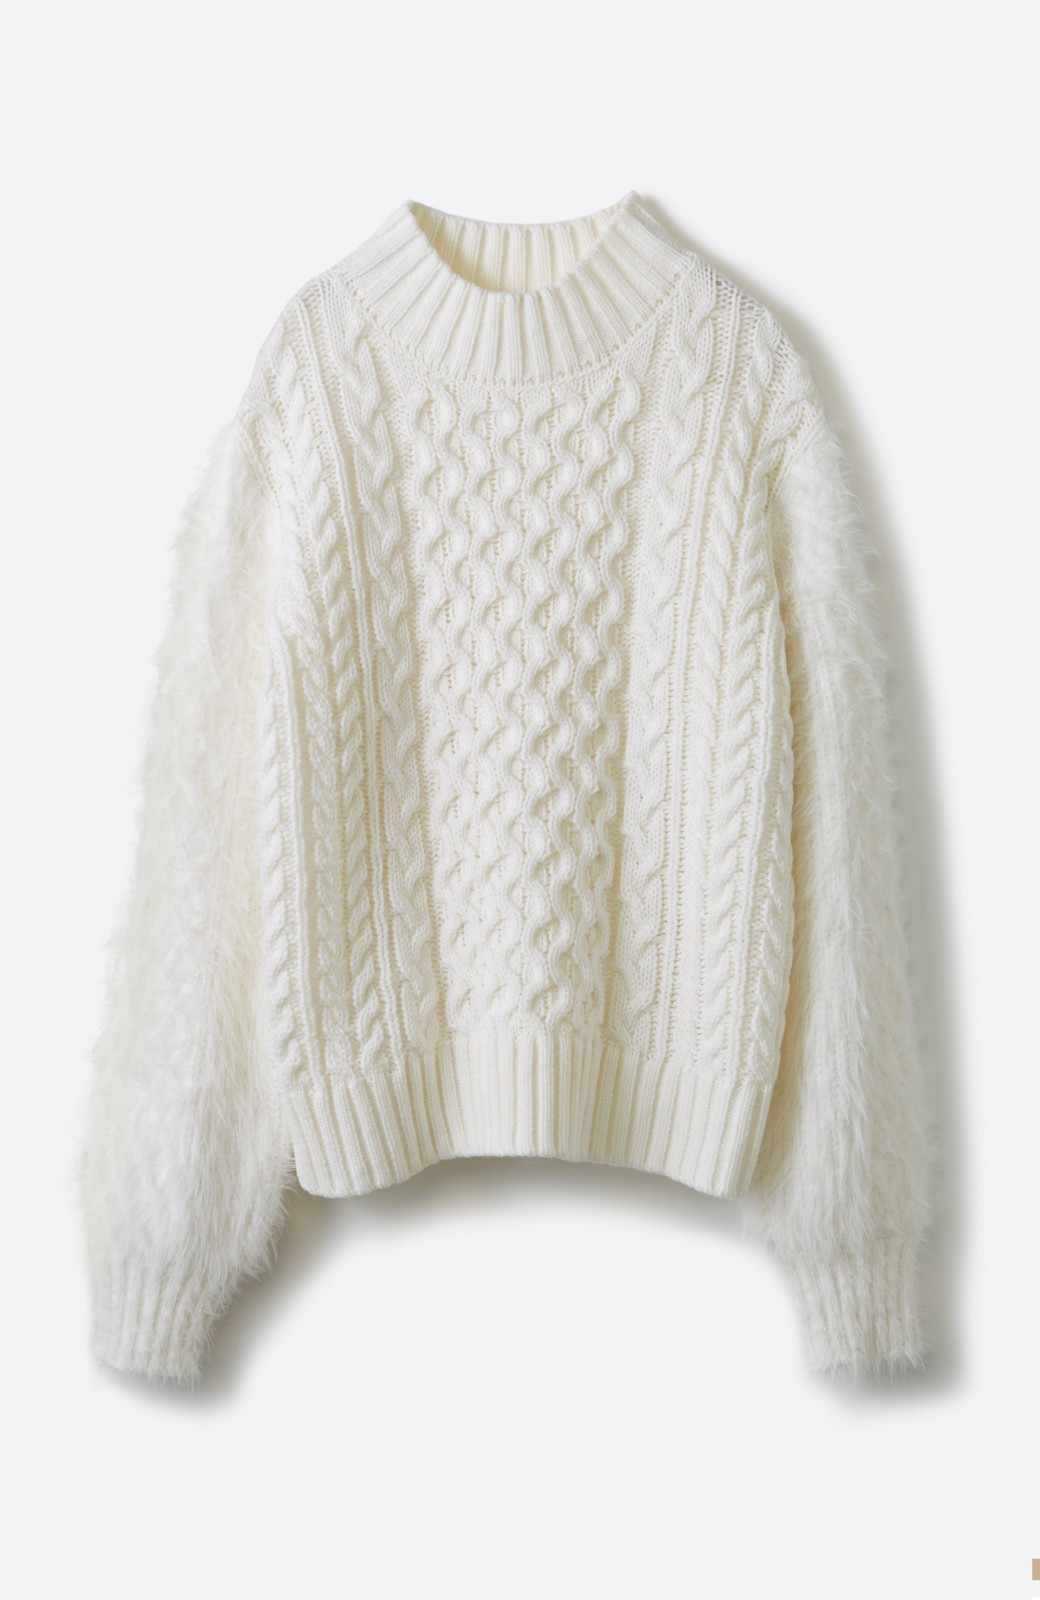 haco! ケーブル編みの袖フェザーヤーンニットトップス <ホワイト>の商品写真2